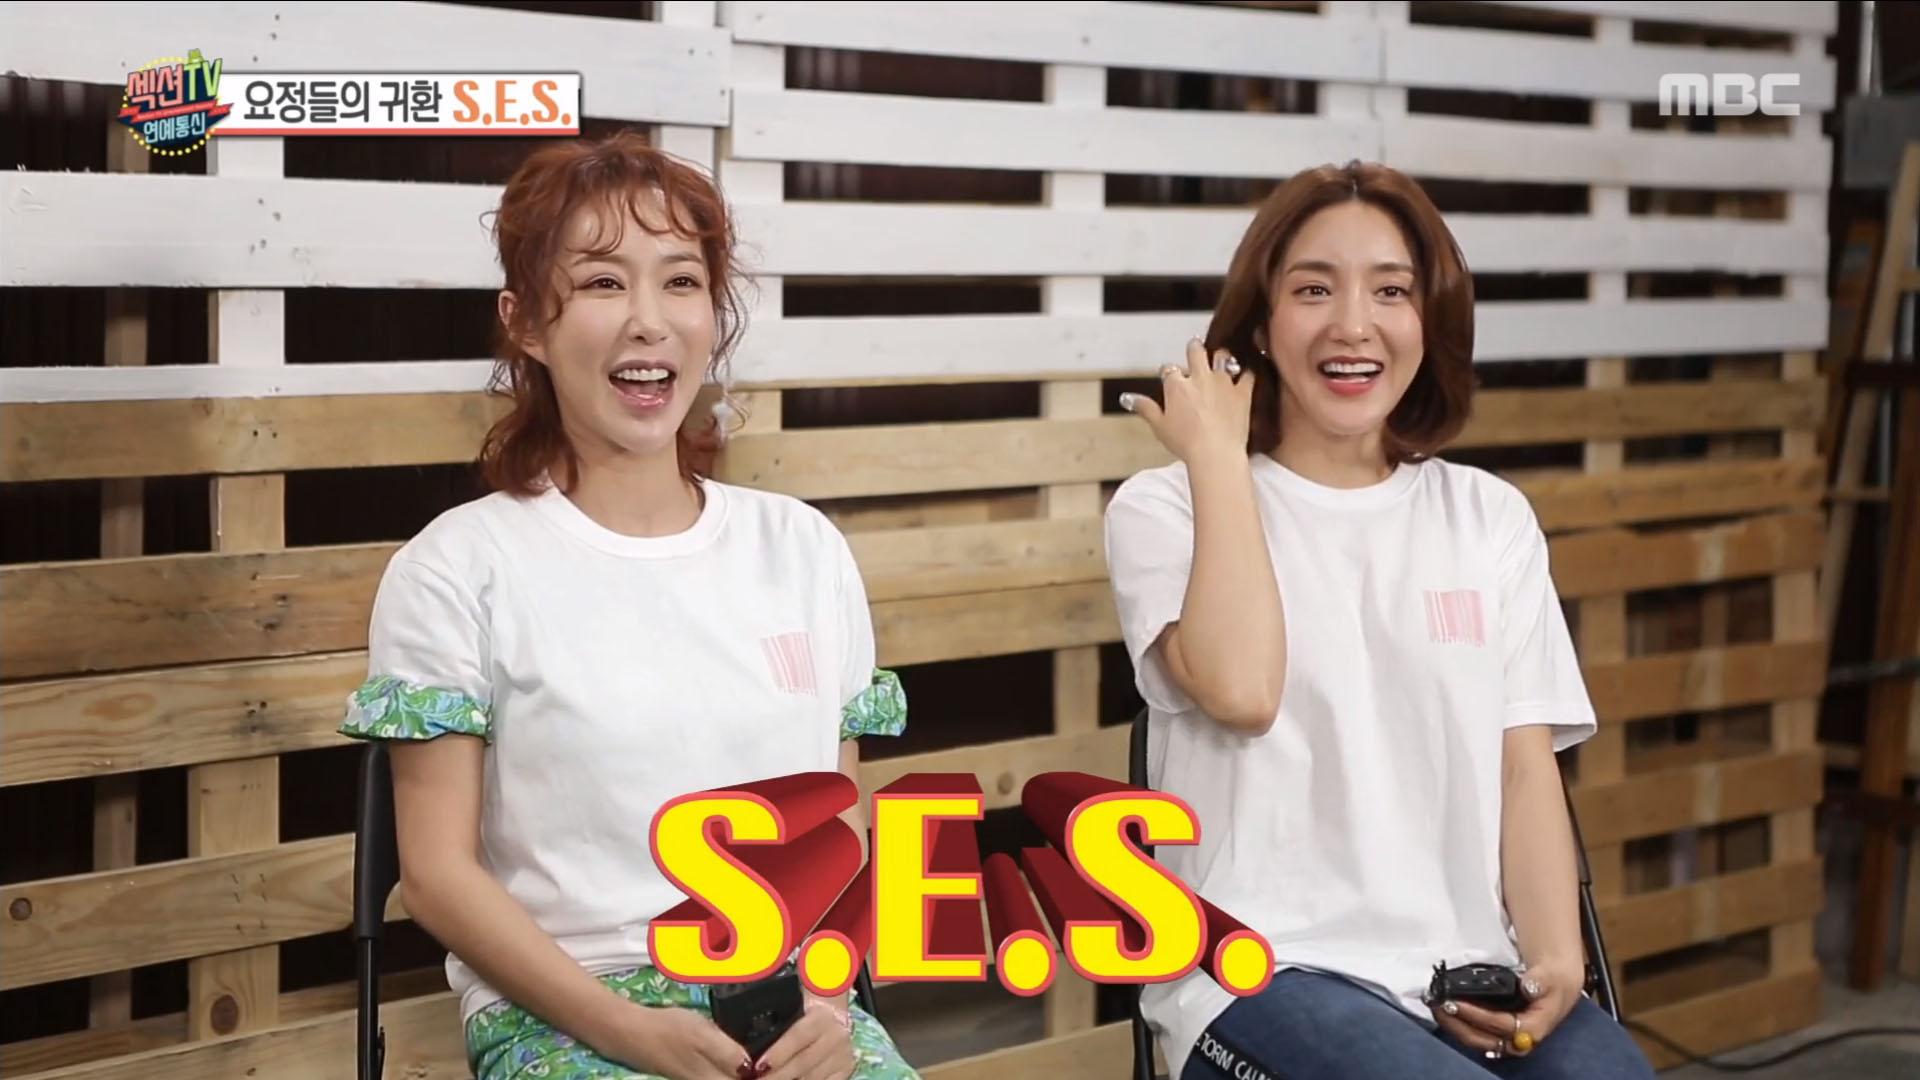 '섹션TV 연예통신' S.E.S.가 주최하는 '그린 하트 바자회' 에너지 가득한 10주년의 현장!